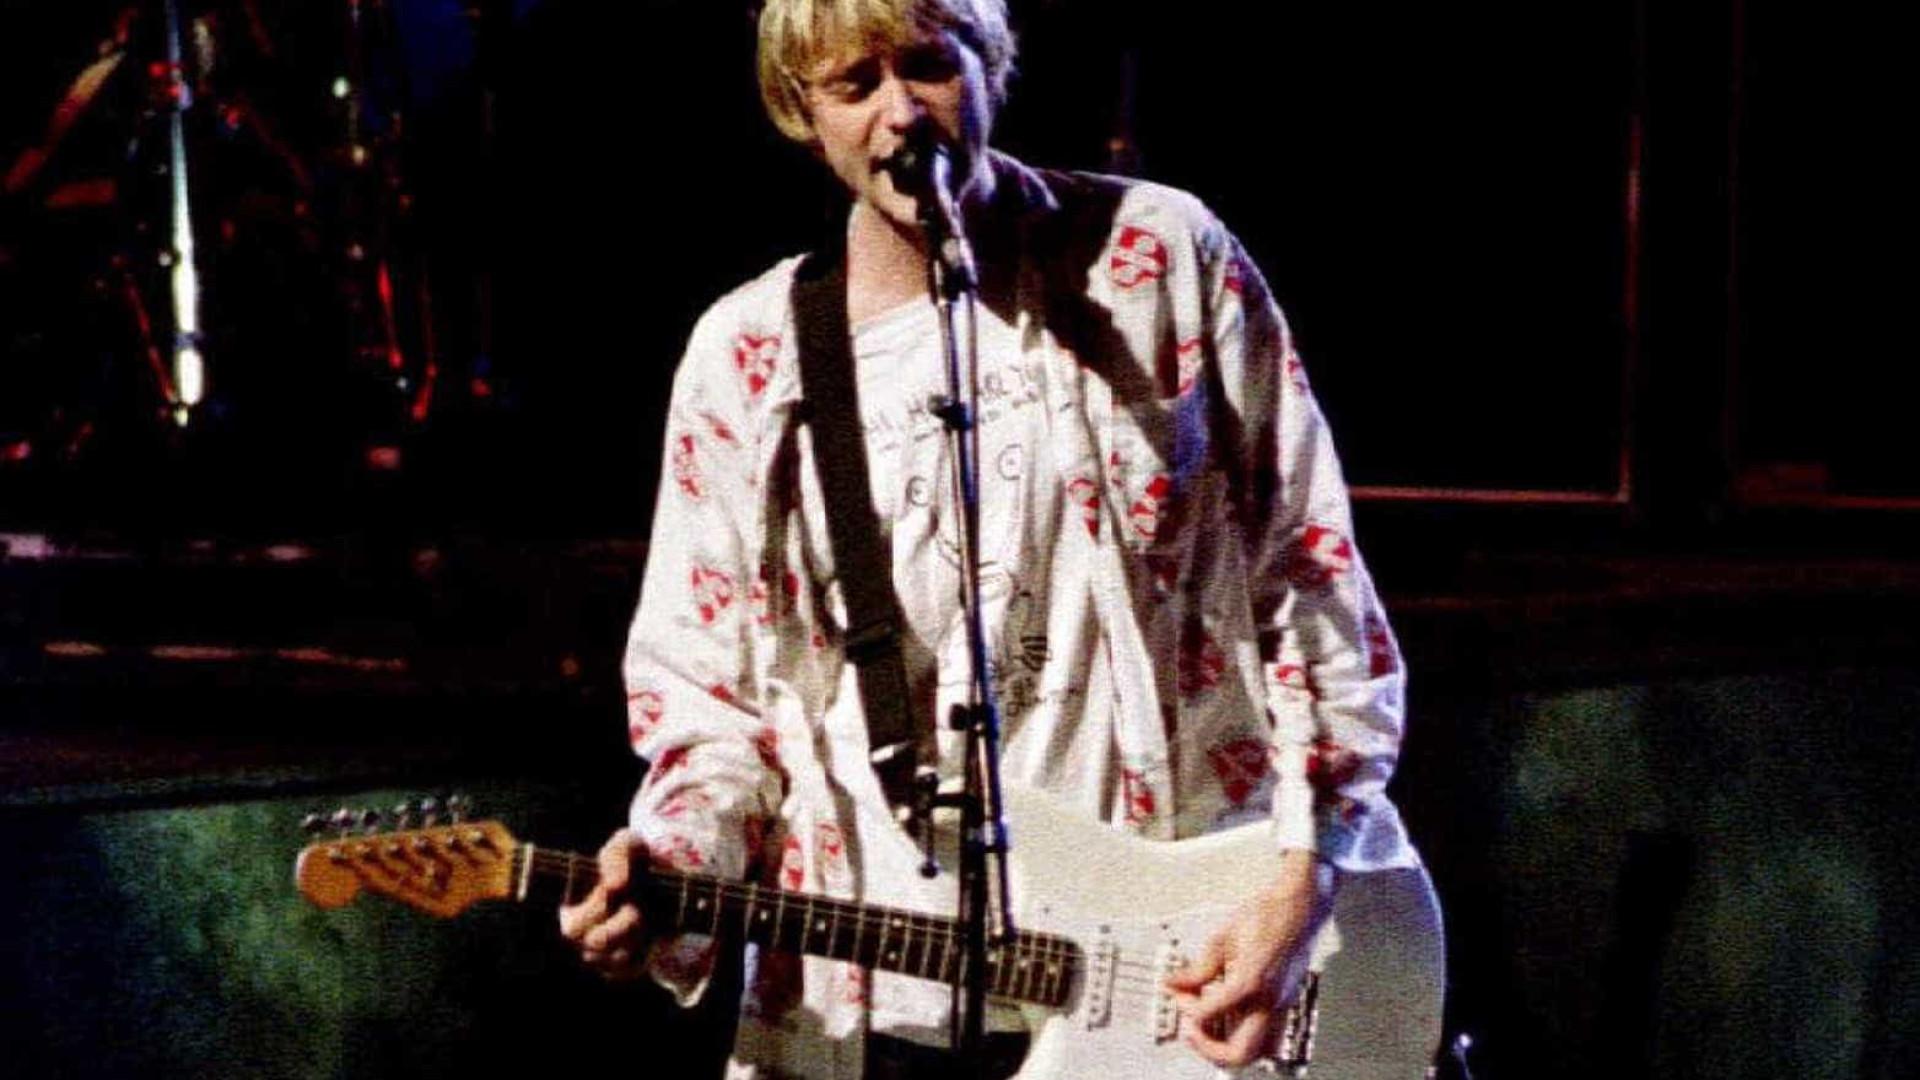 Courtney revela 'inveja' de Kurt Cobain com Eddie Vedder